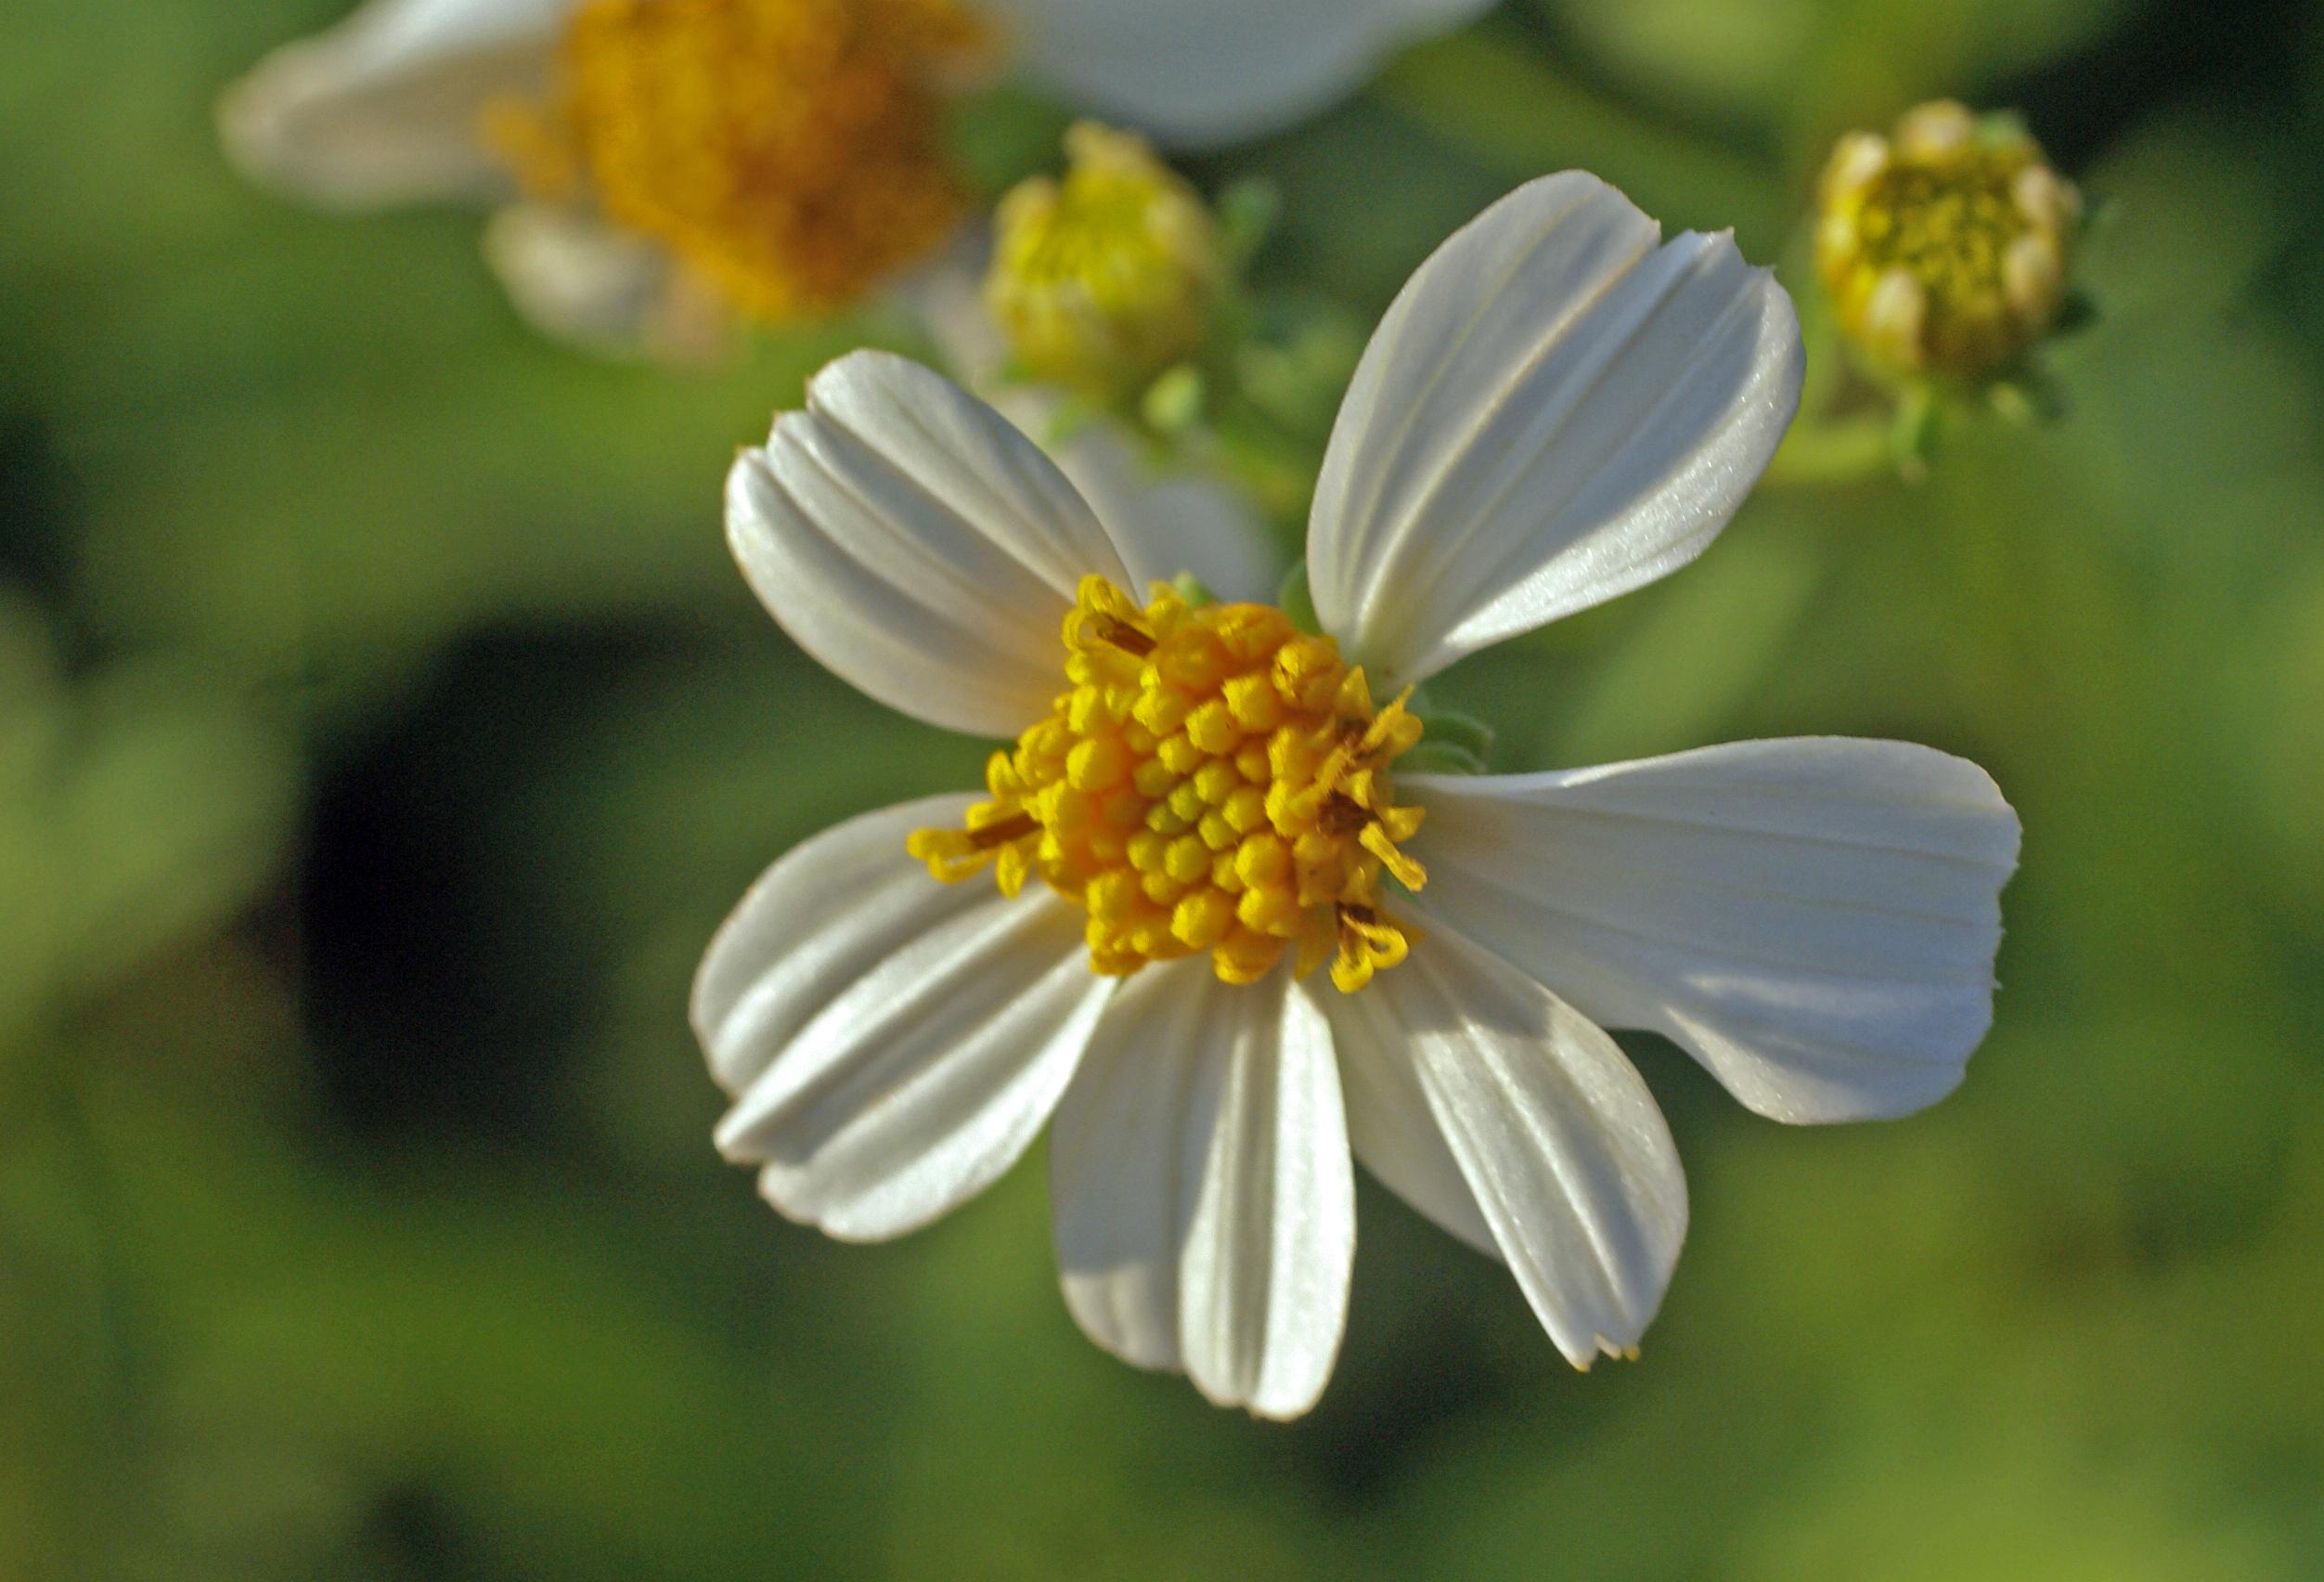 Tổng hợp những hình ảnh hoa Xuyến chi đẹp